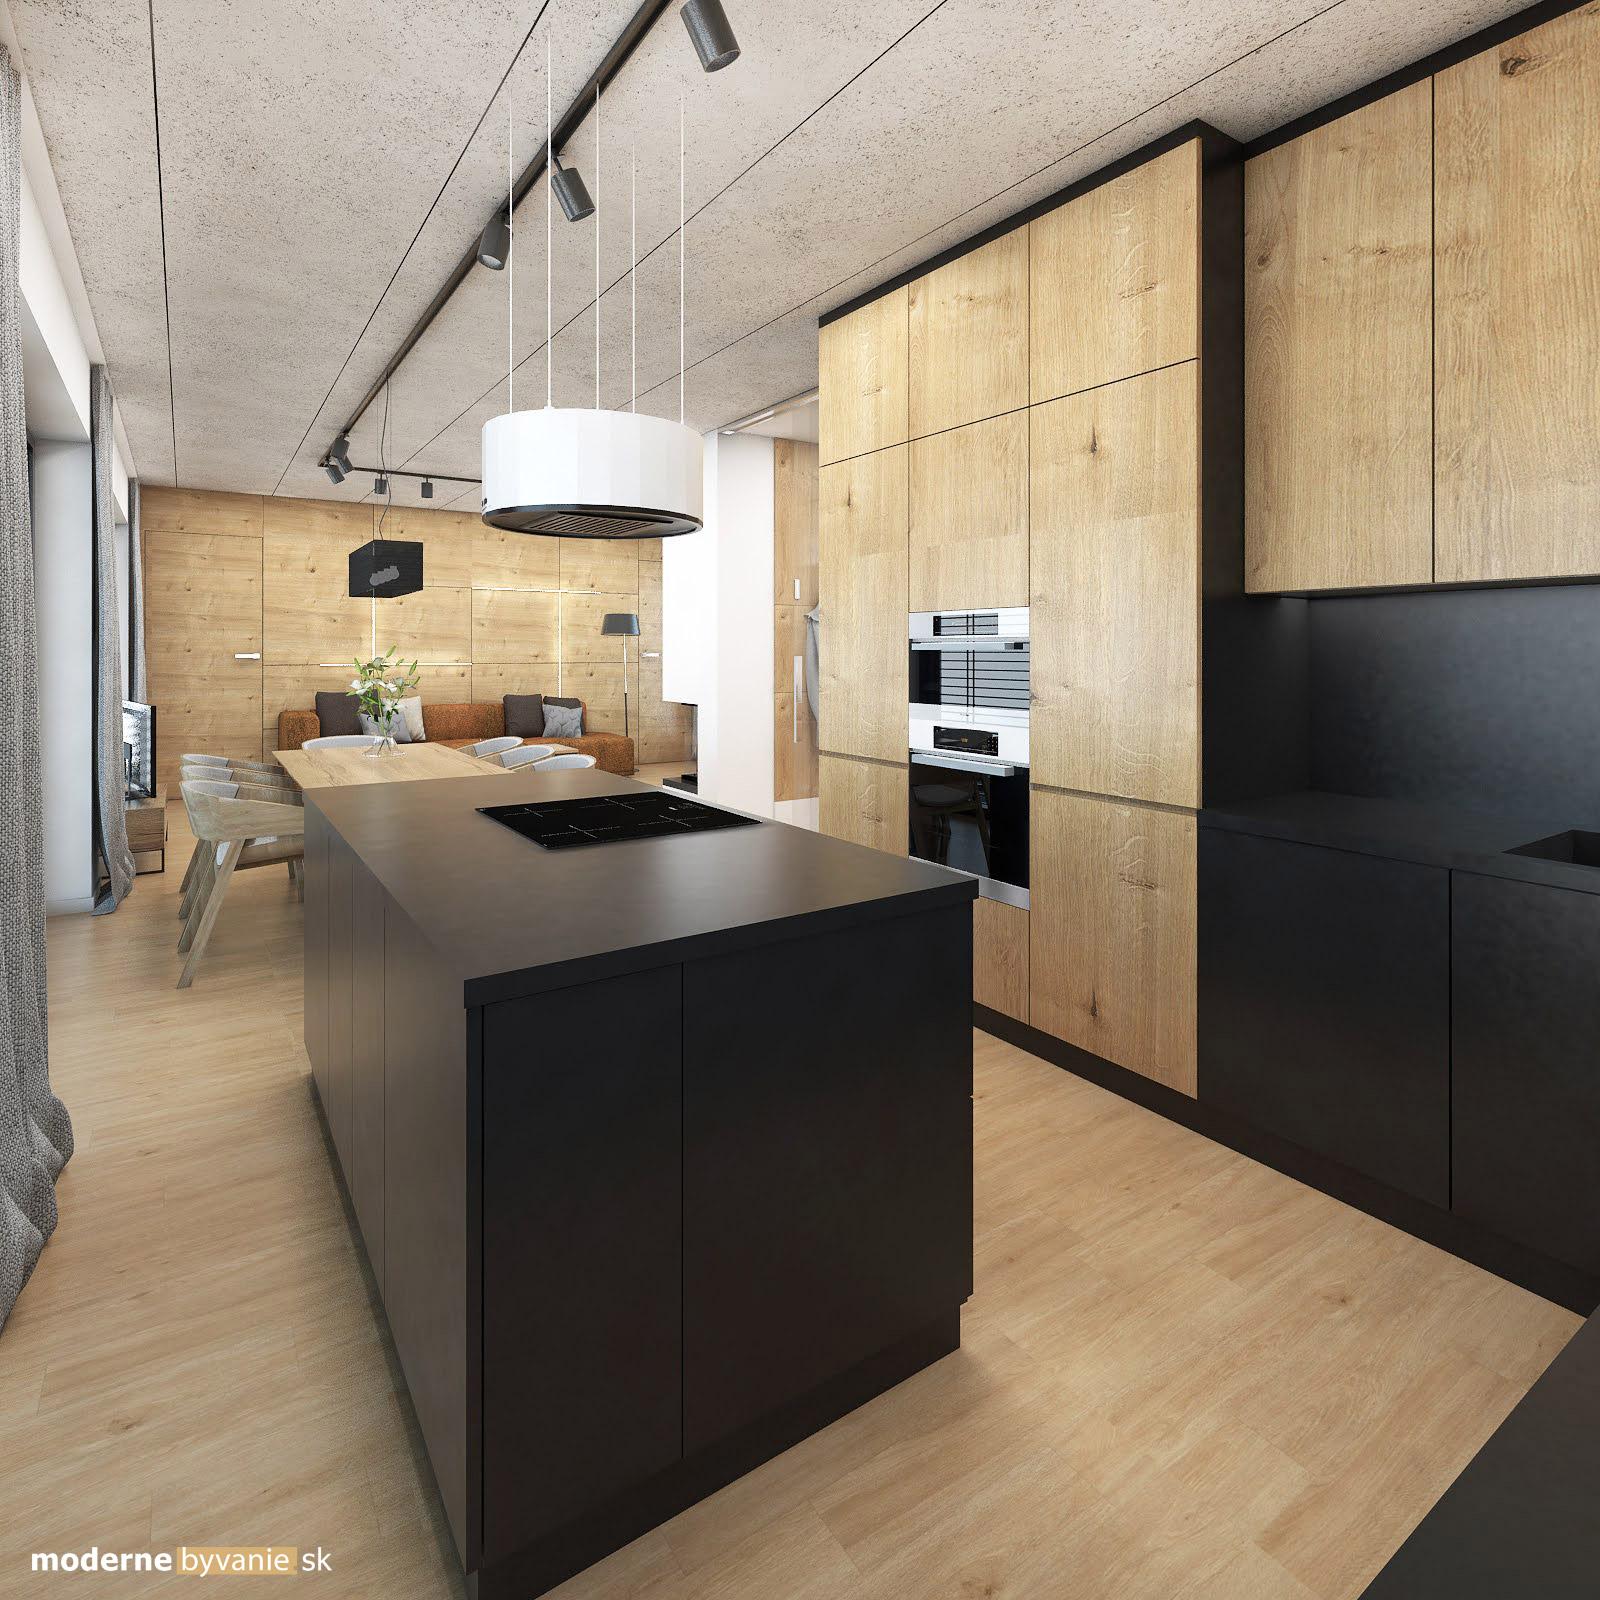 Návrh interiéru - Kuchyňa - Dizajn interiéru domu v Tatrách